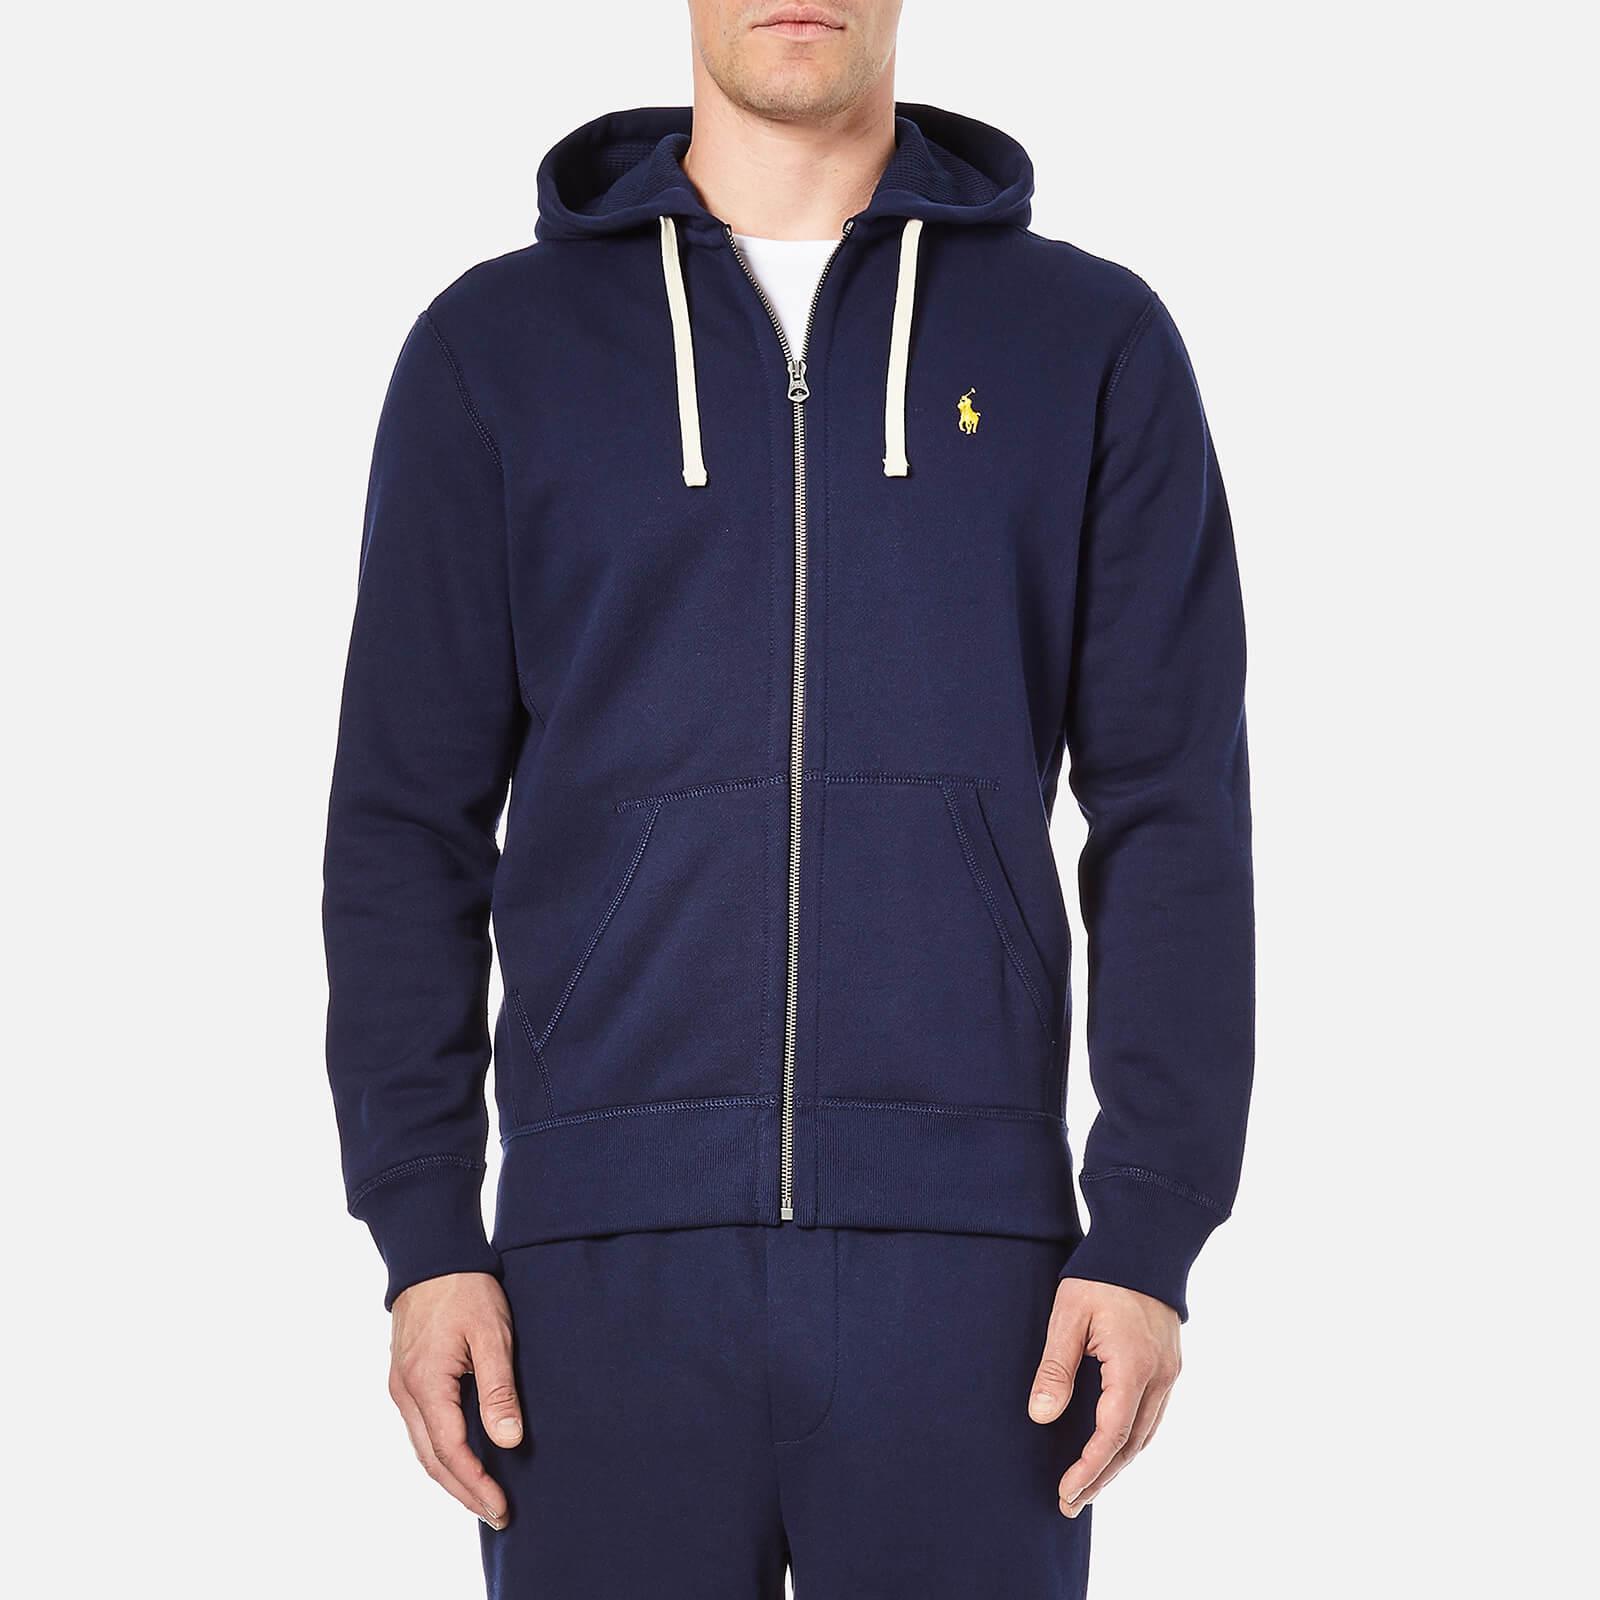 297486c899faa Polo Ralph Lauren Men s Zip Through Hooded Athletic Fleece - Cruise Navy -  Free UK Delivery over £50